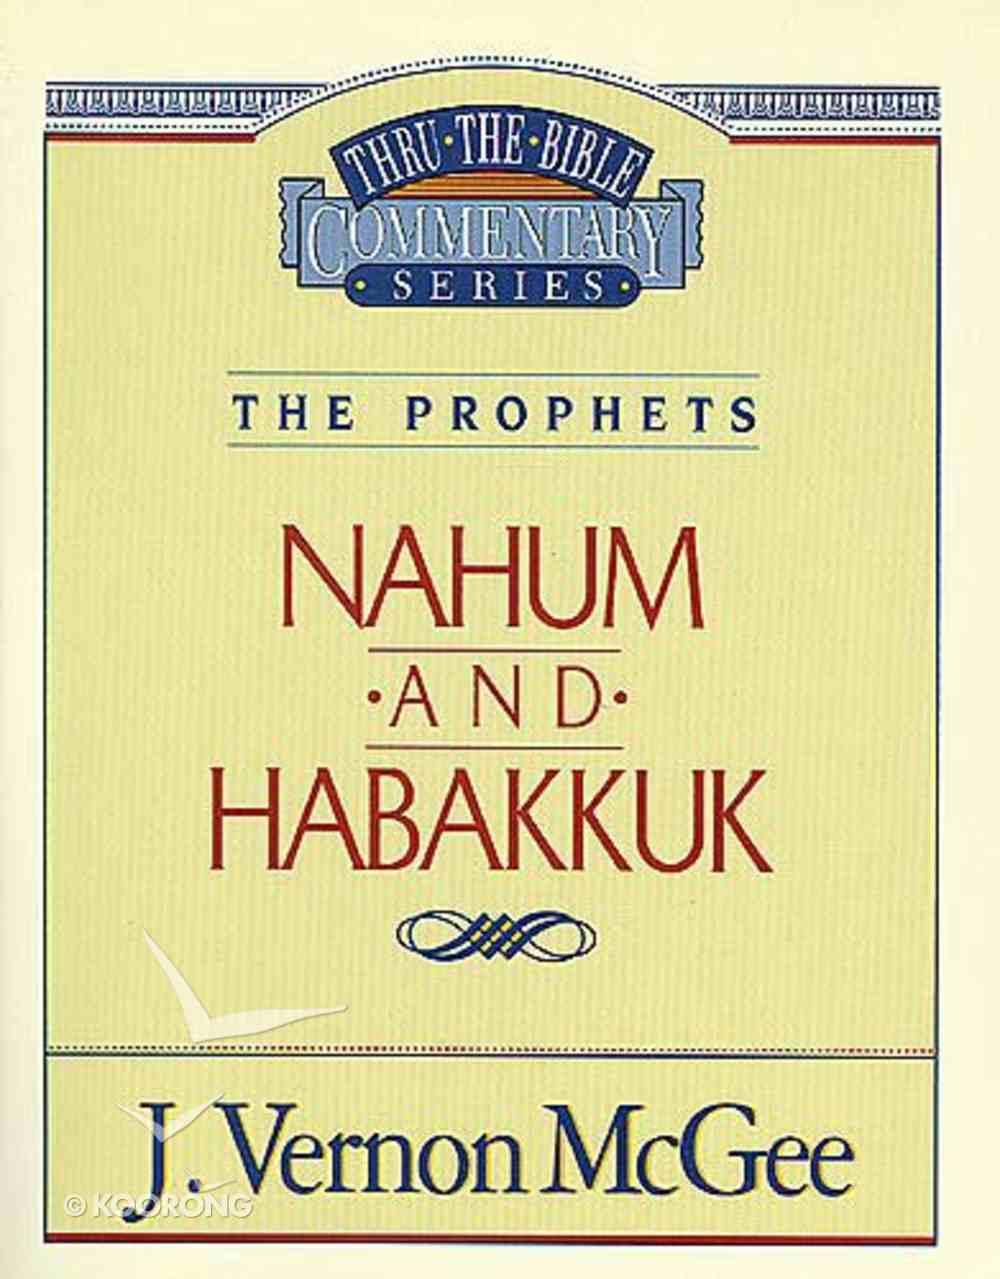 Thru the Bible OT #30: Nahum/Habakkuk (#30 in Thru The Bible Old Testament Series) Paperback